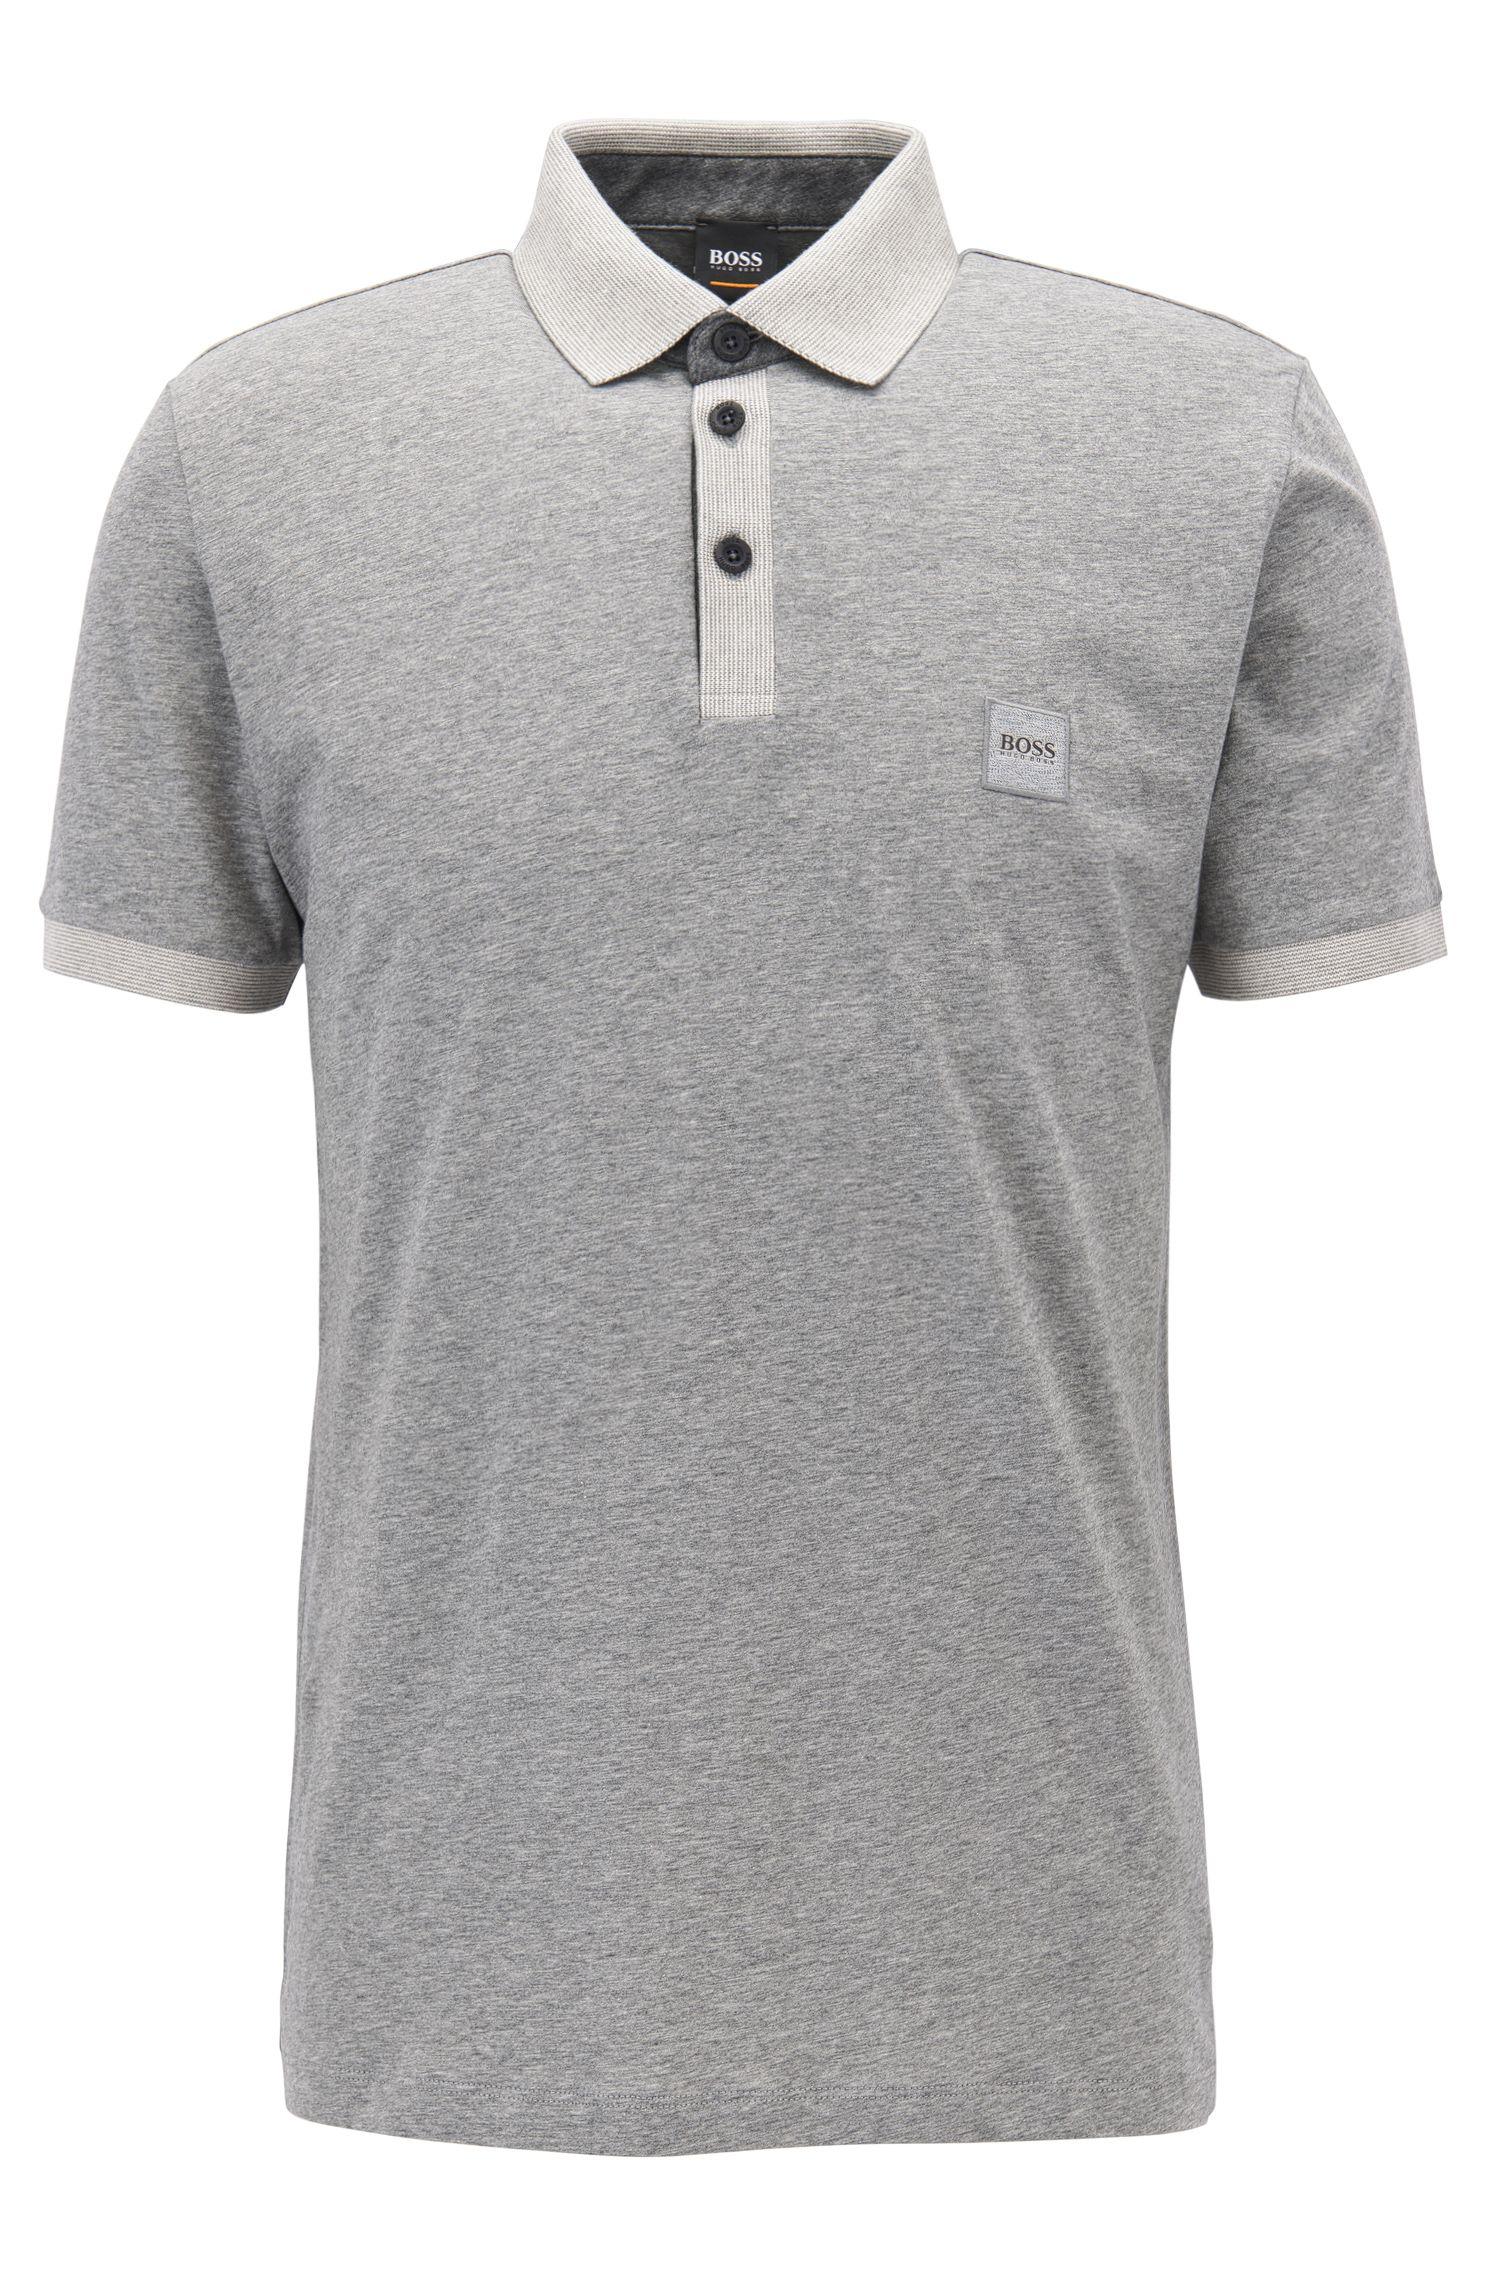 Poloshirt aus Baumwolle mit kontrastfarbenen Details